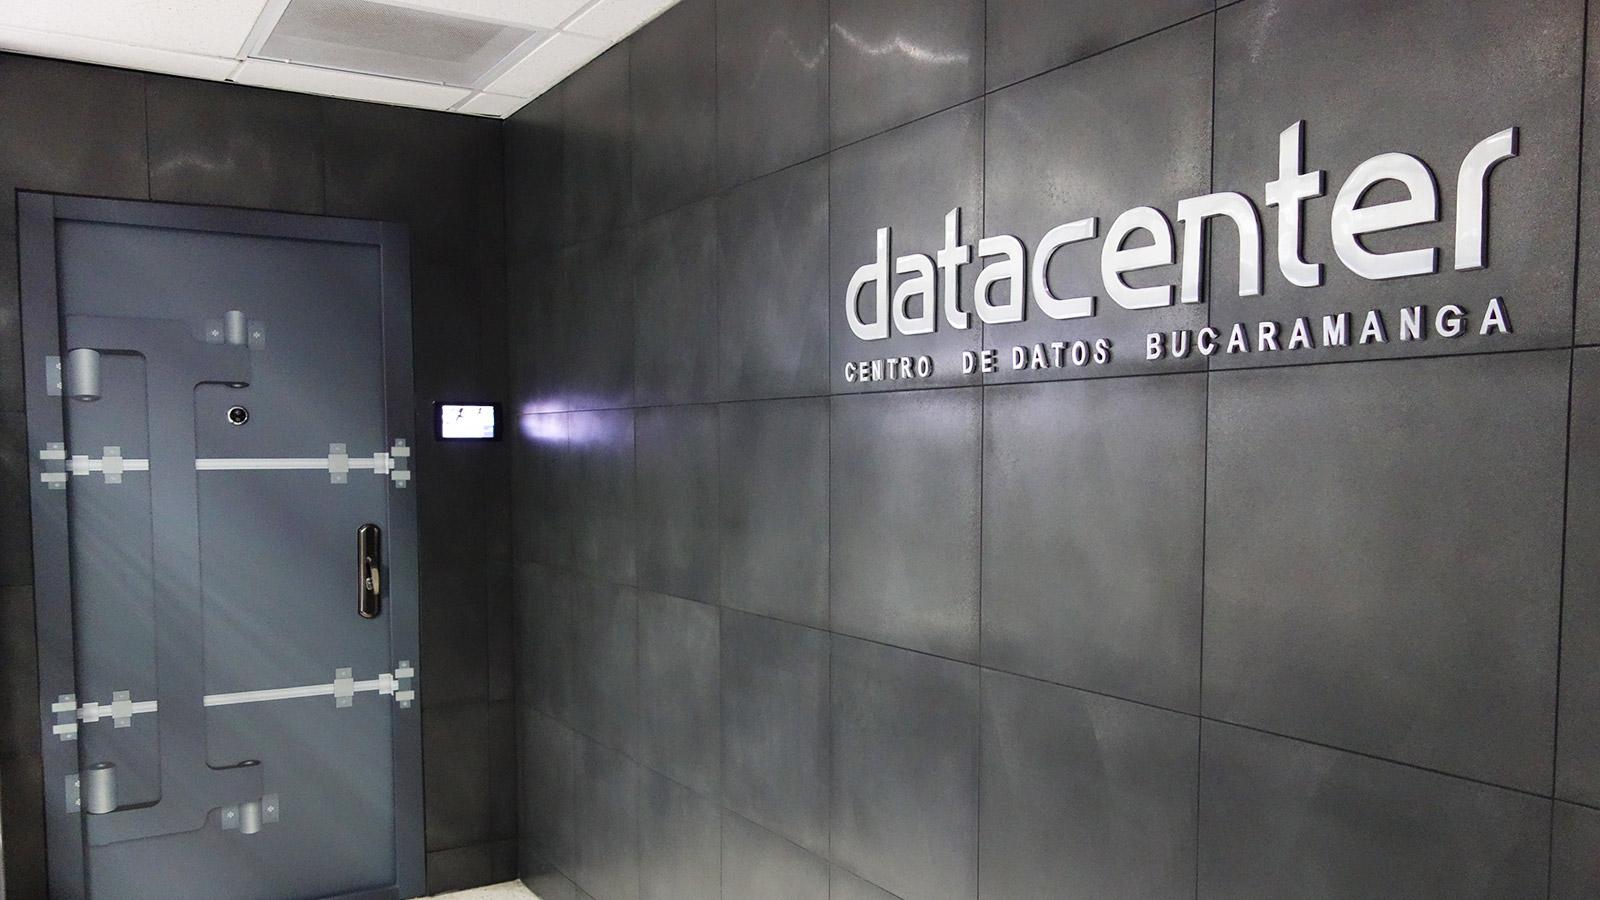 asociado a Datacenter